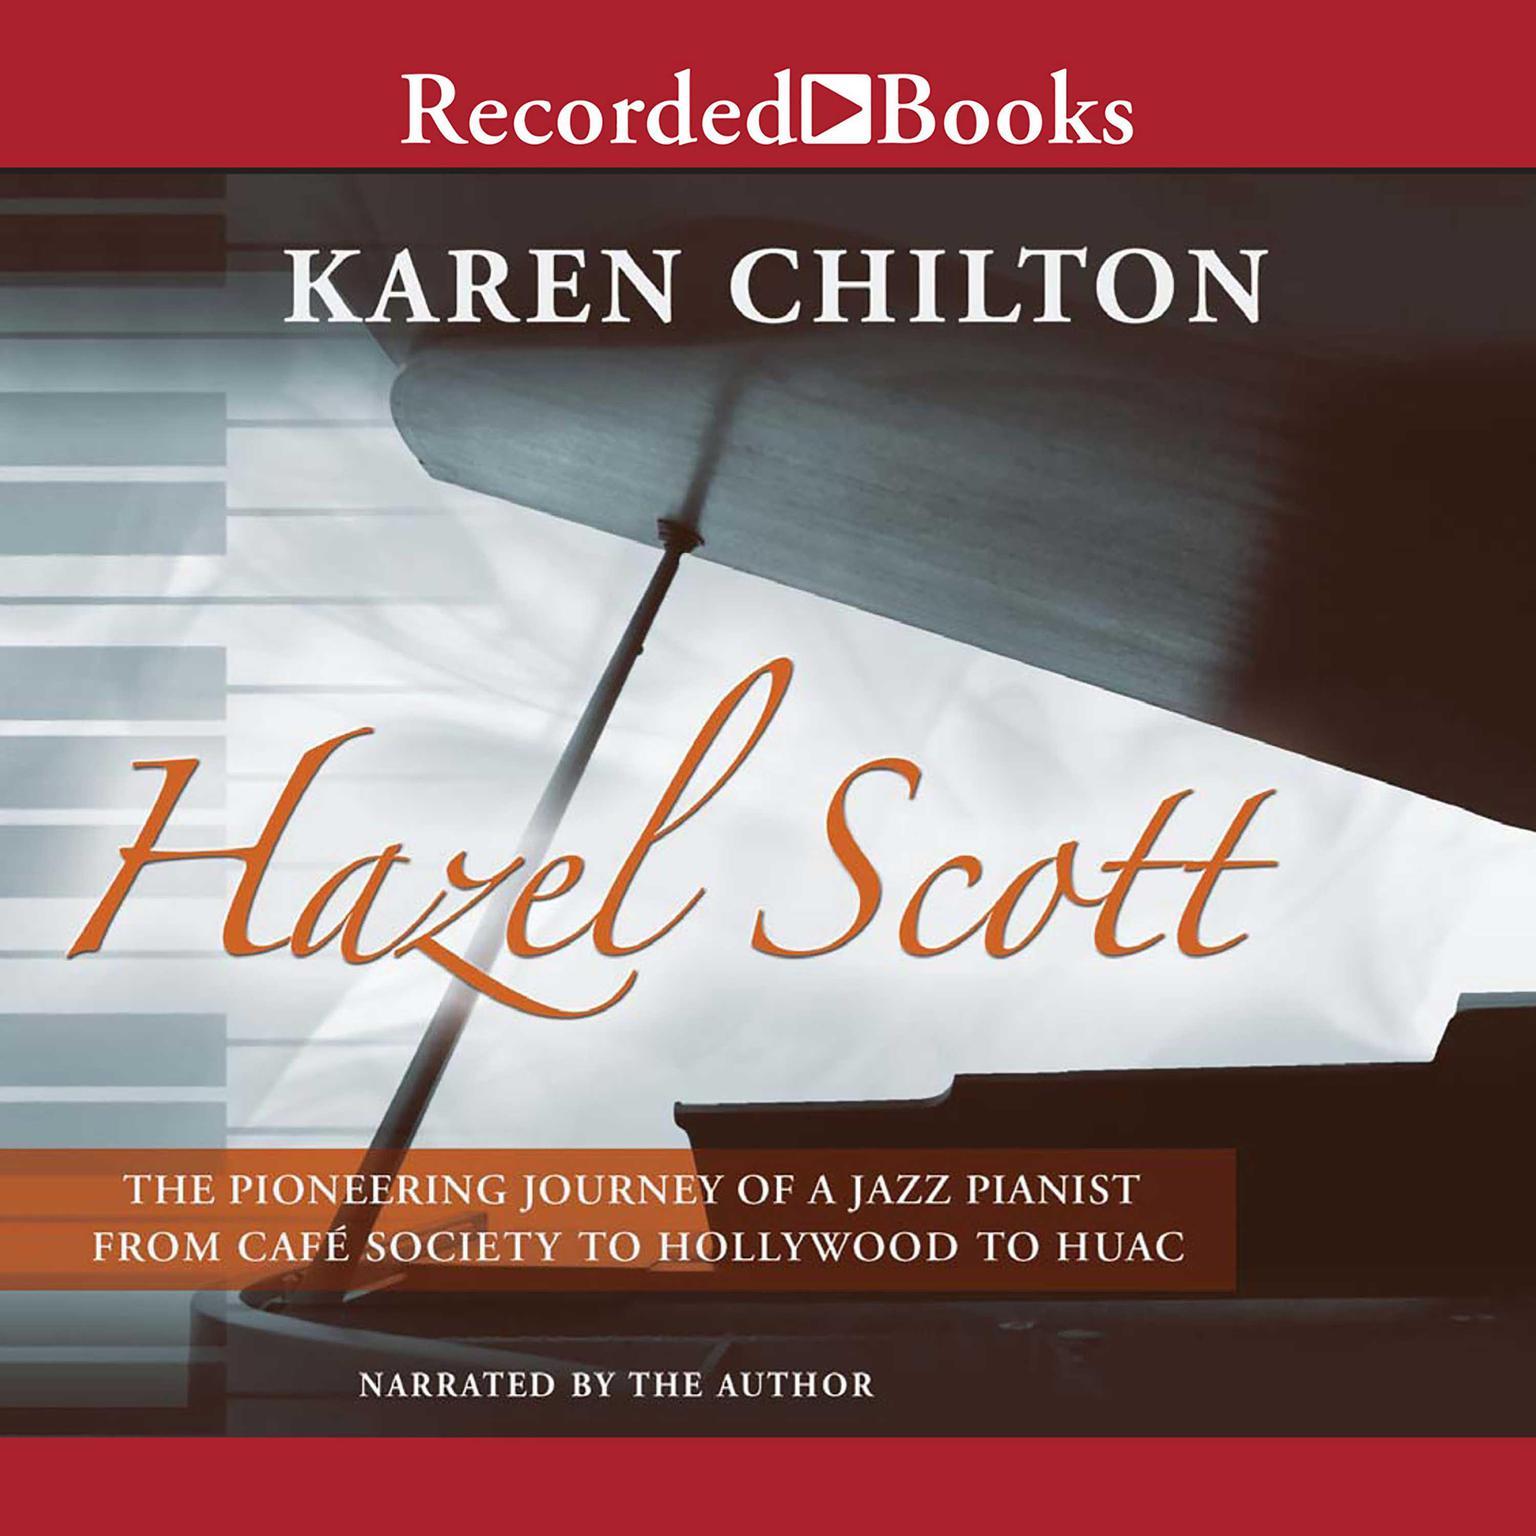 Hazel Scott: Pioneering Journey of a Jazz Pianist Audiobook, by Karen Chilton